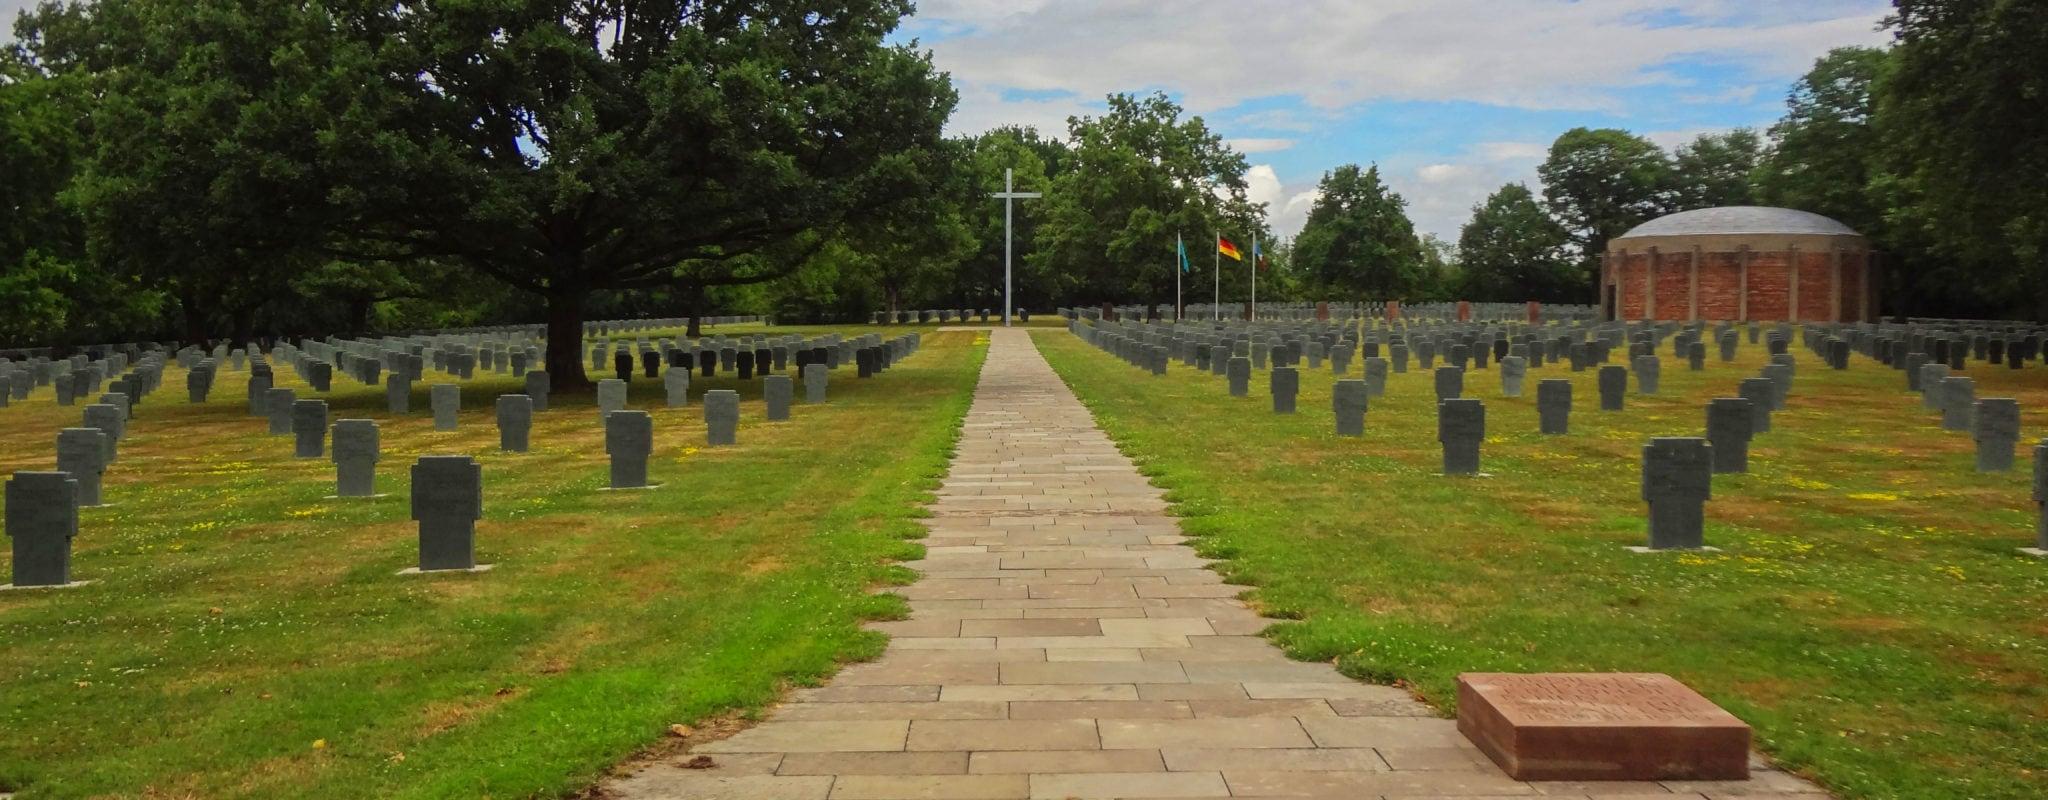 À Niederbronn, un cimetière pour enseigner l'histoire à de jeunes migrants